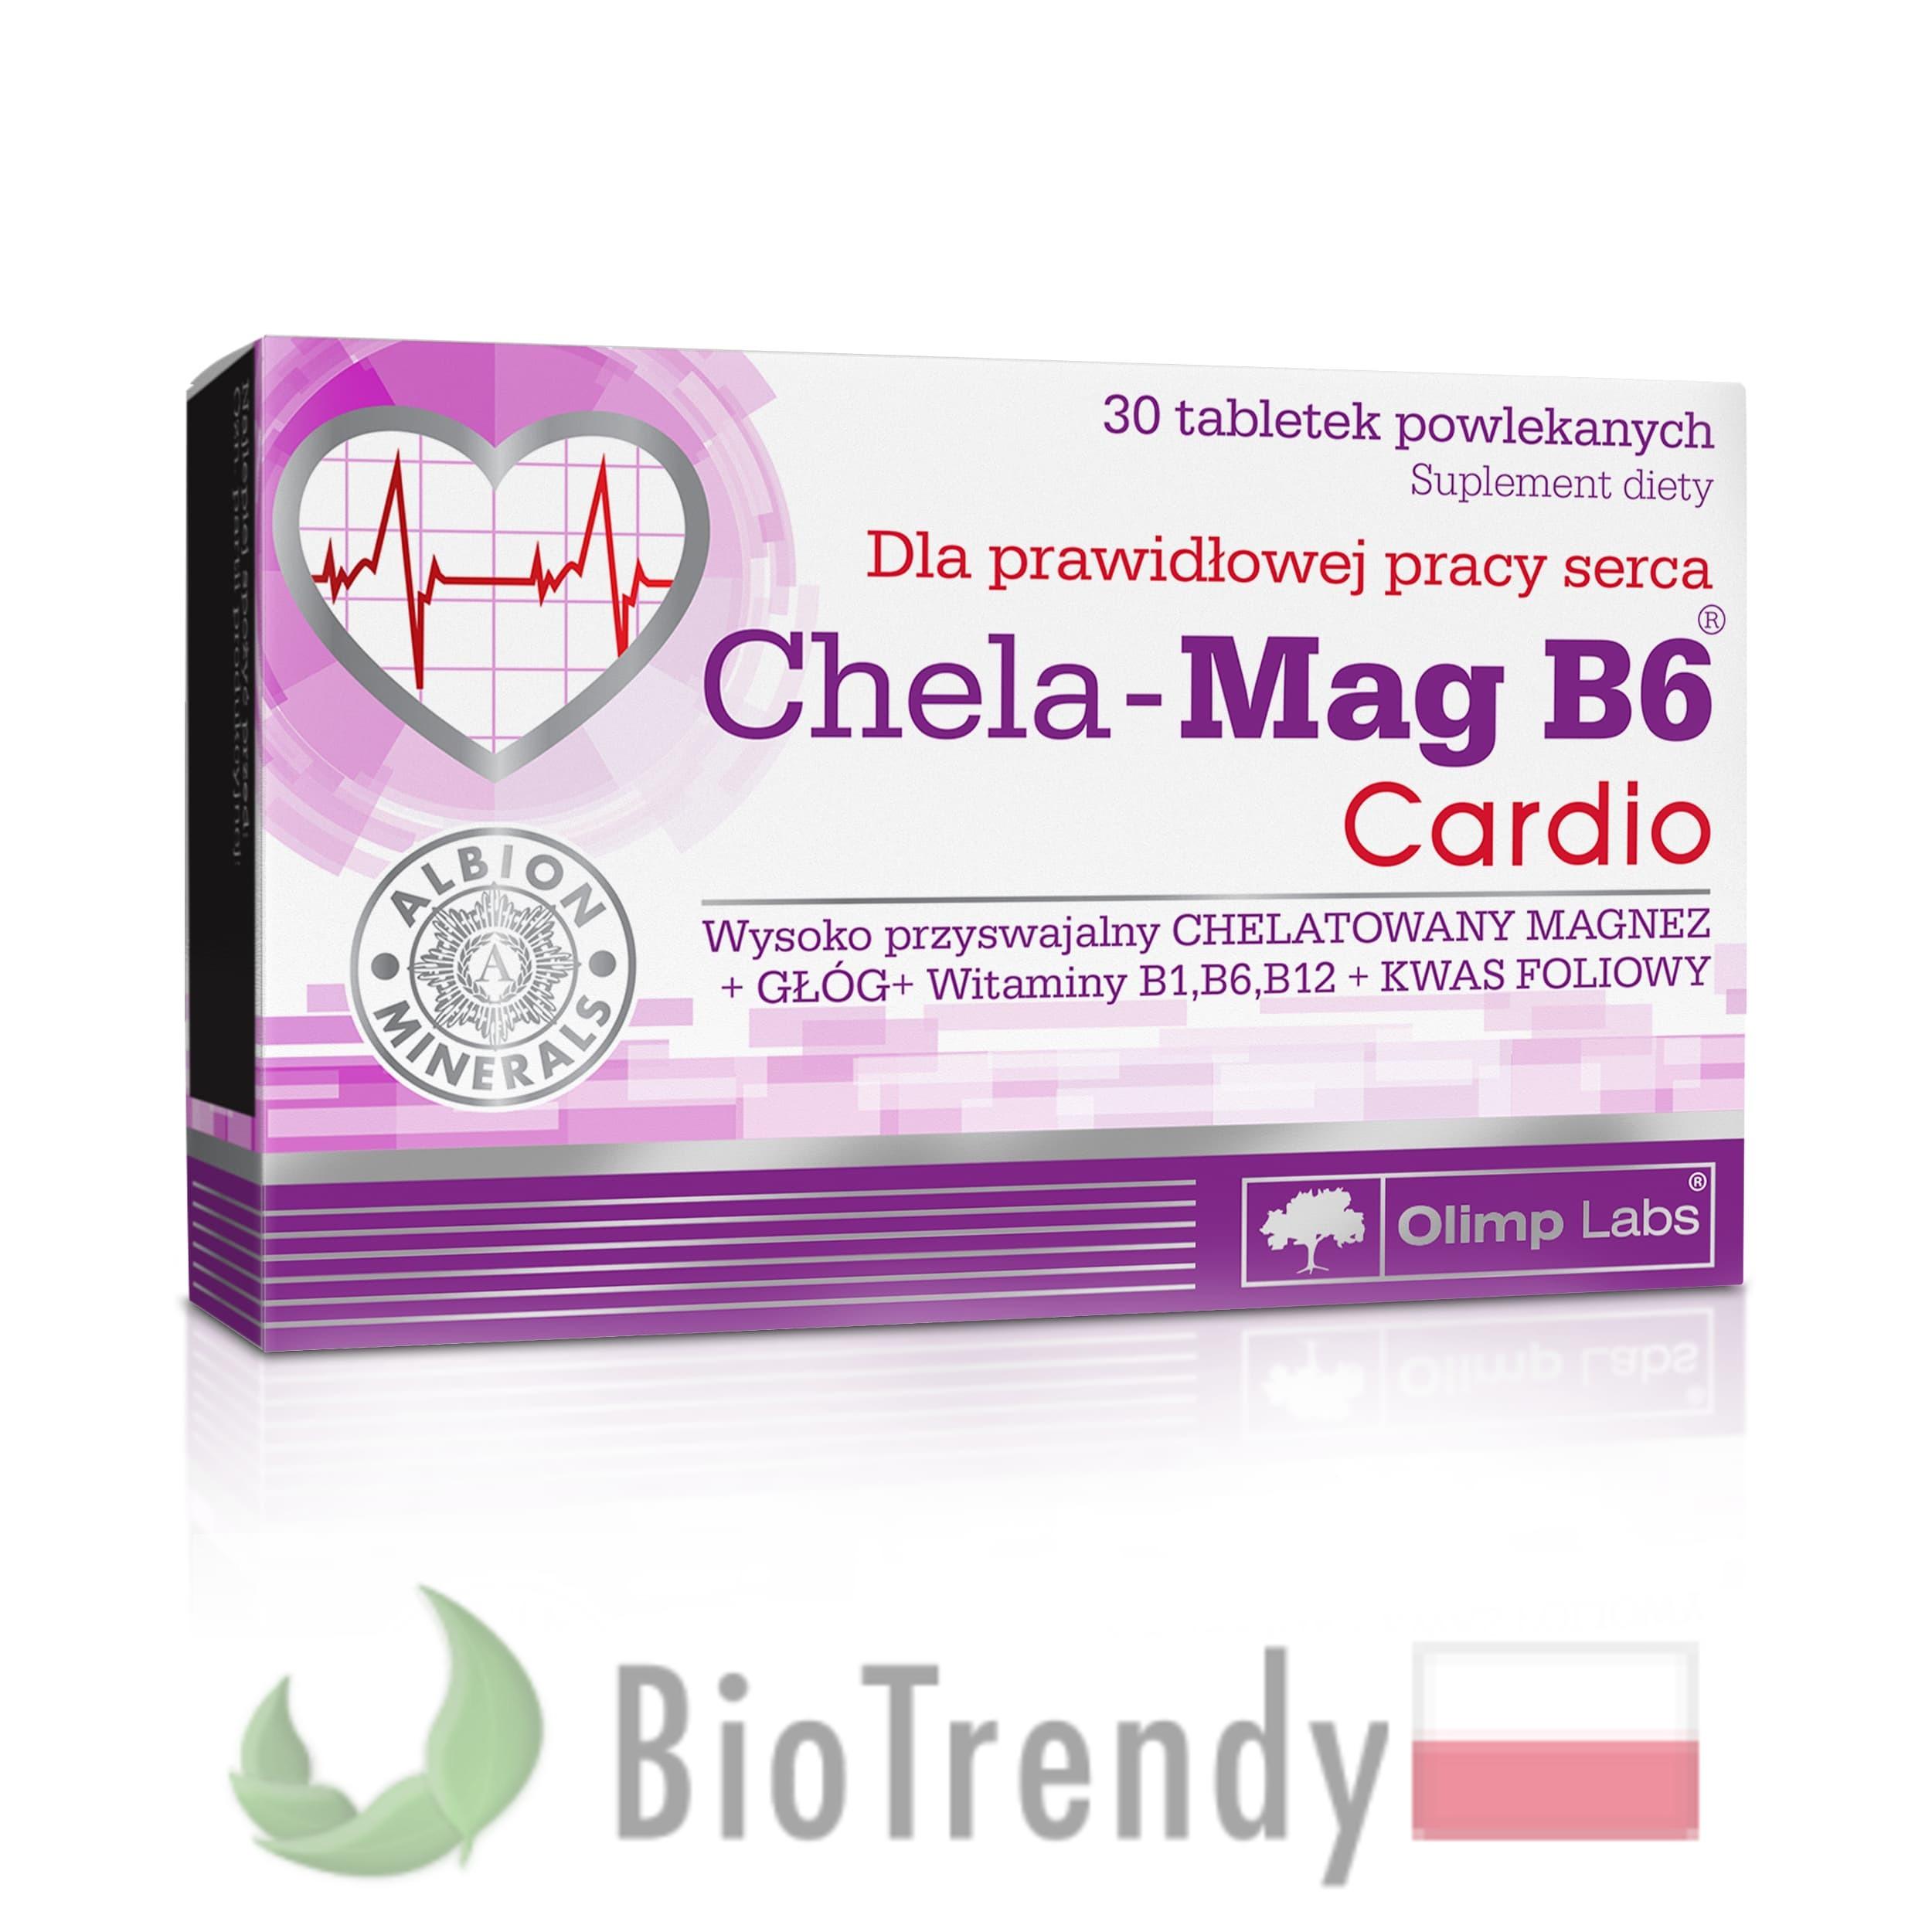 Serce - Choroby serca - miażdżyca - układ krążenia - choroby układu krążenia - układ krwionośny - choroba wieńcowa